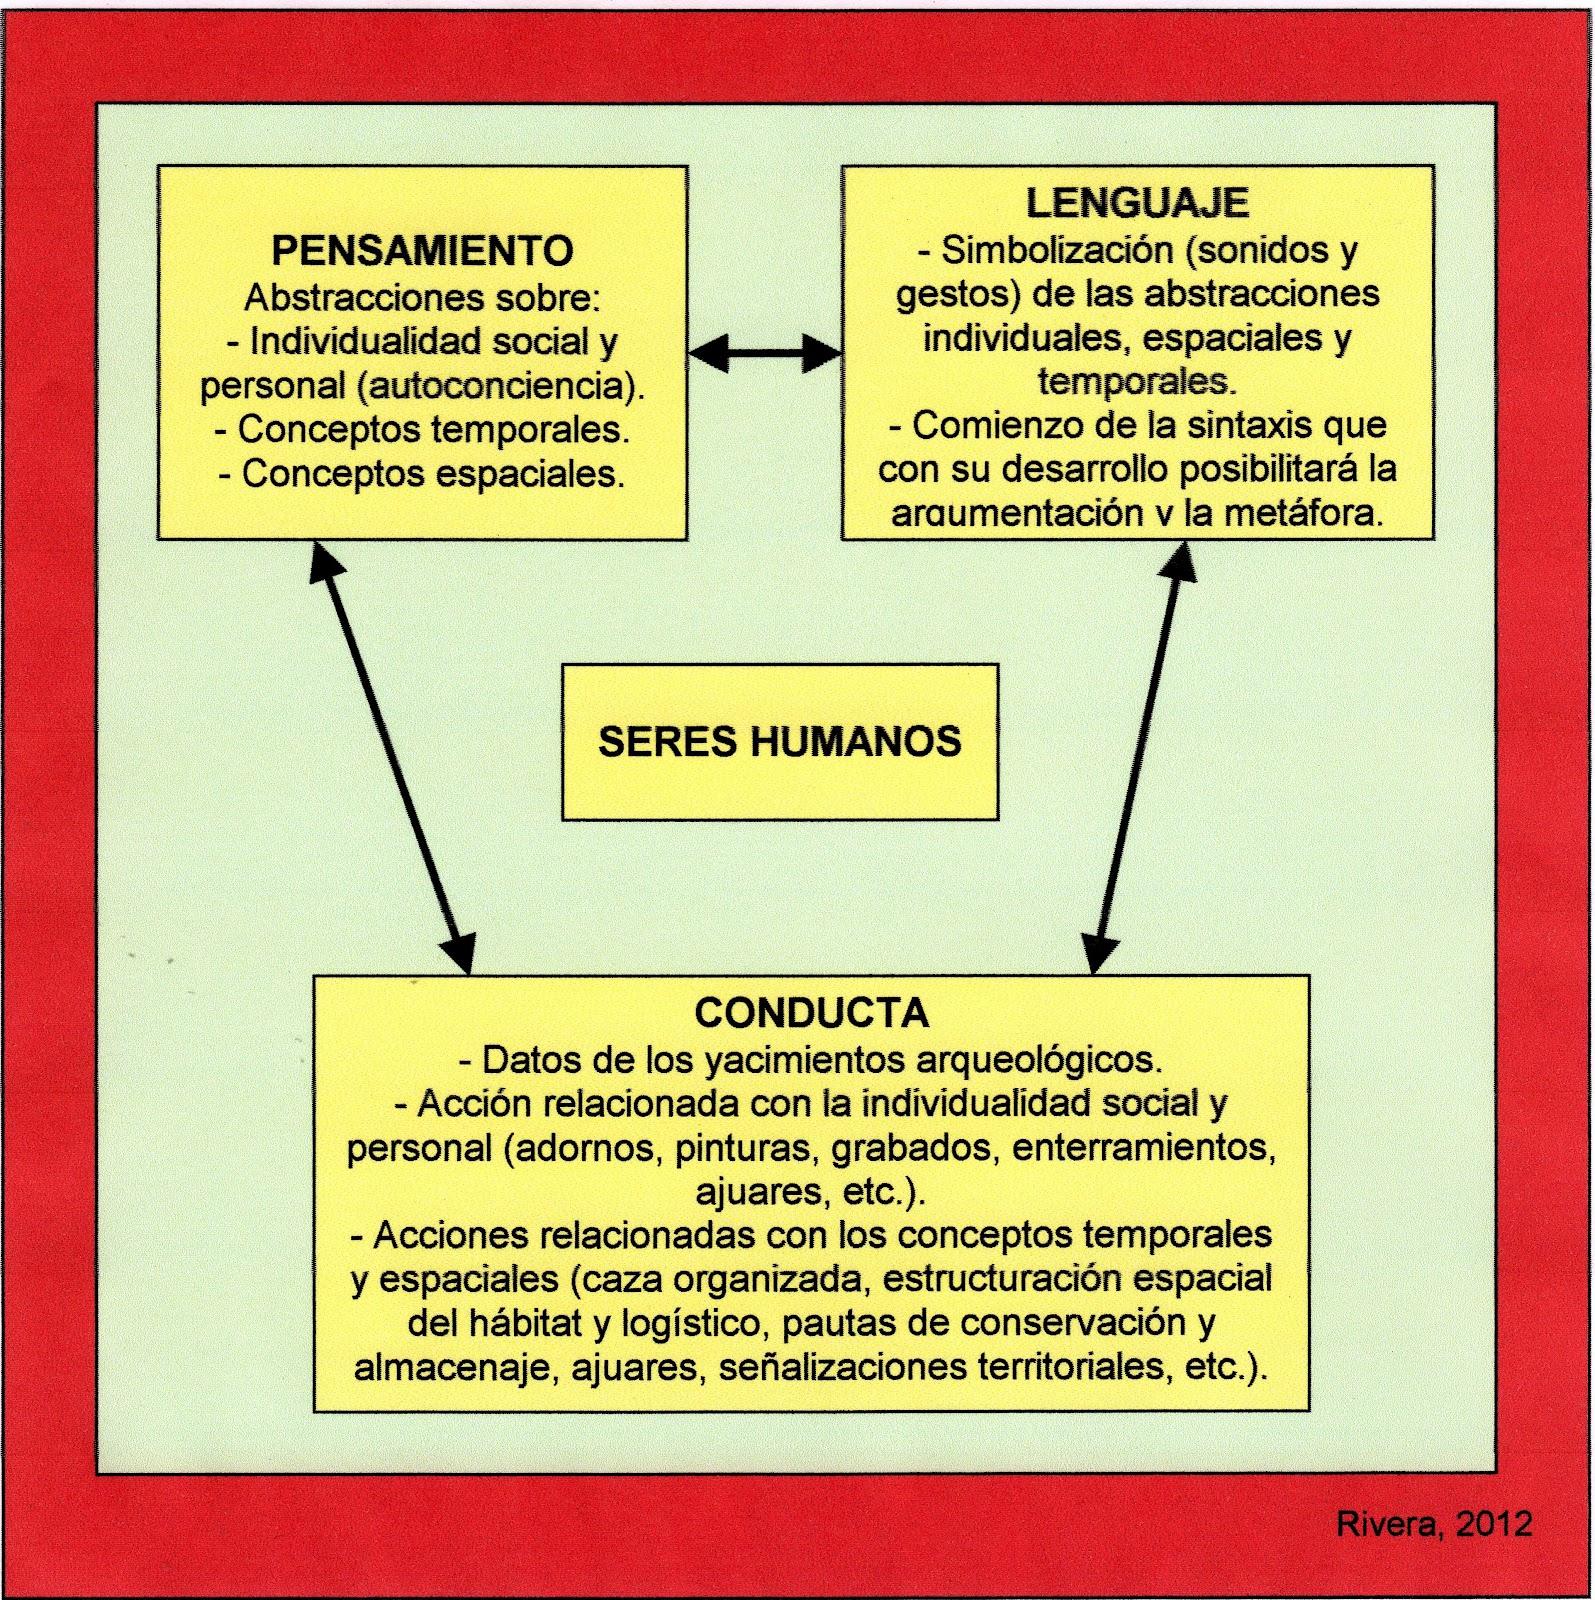 humano vs lenguaje: